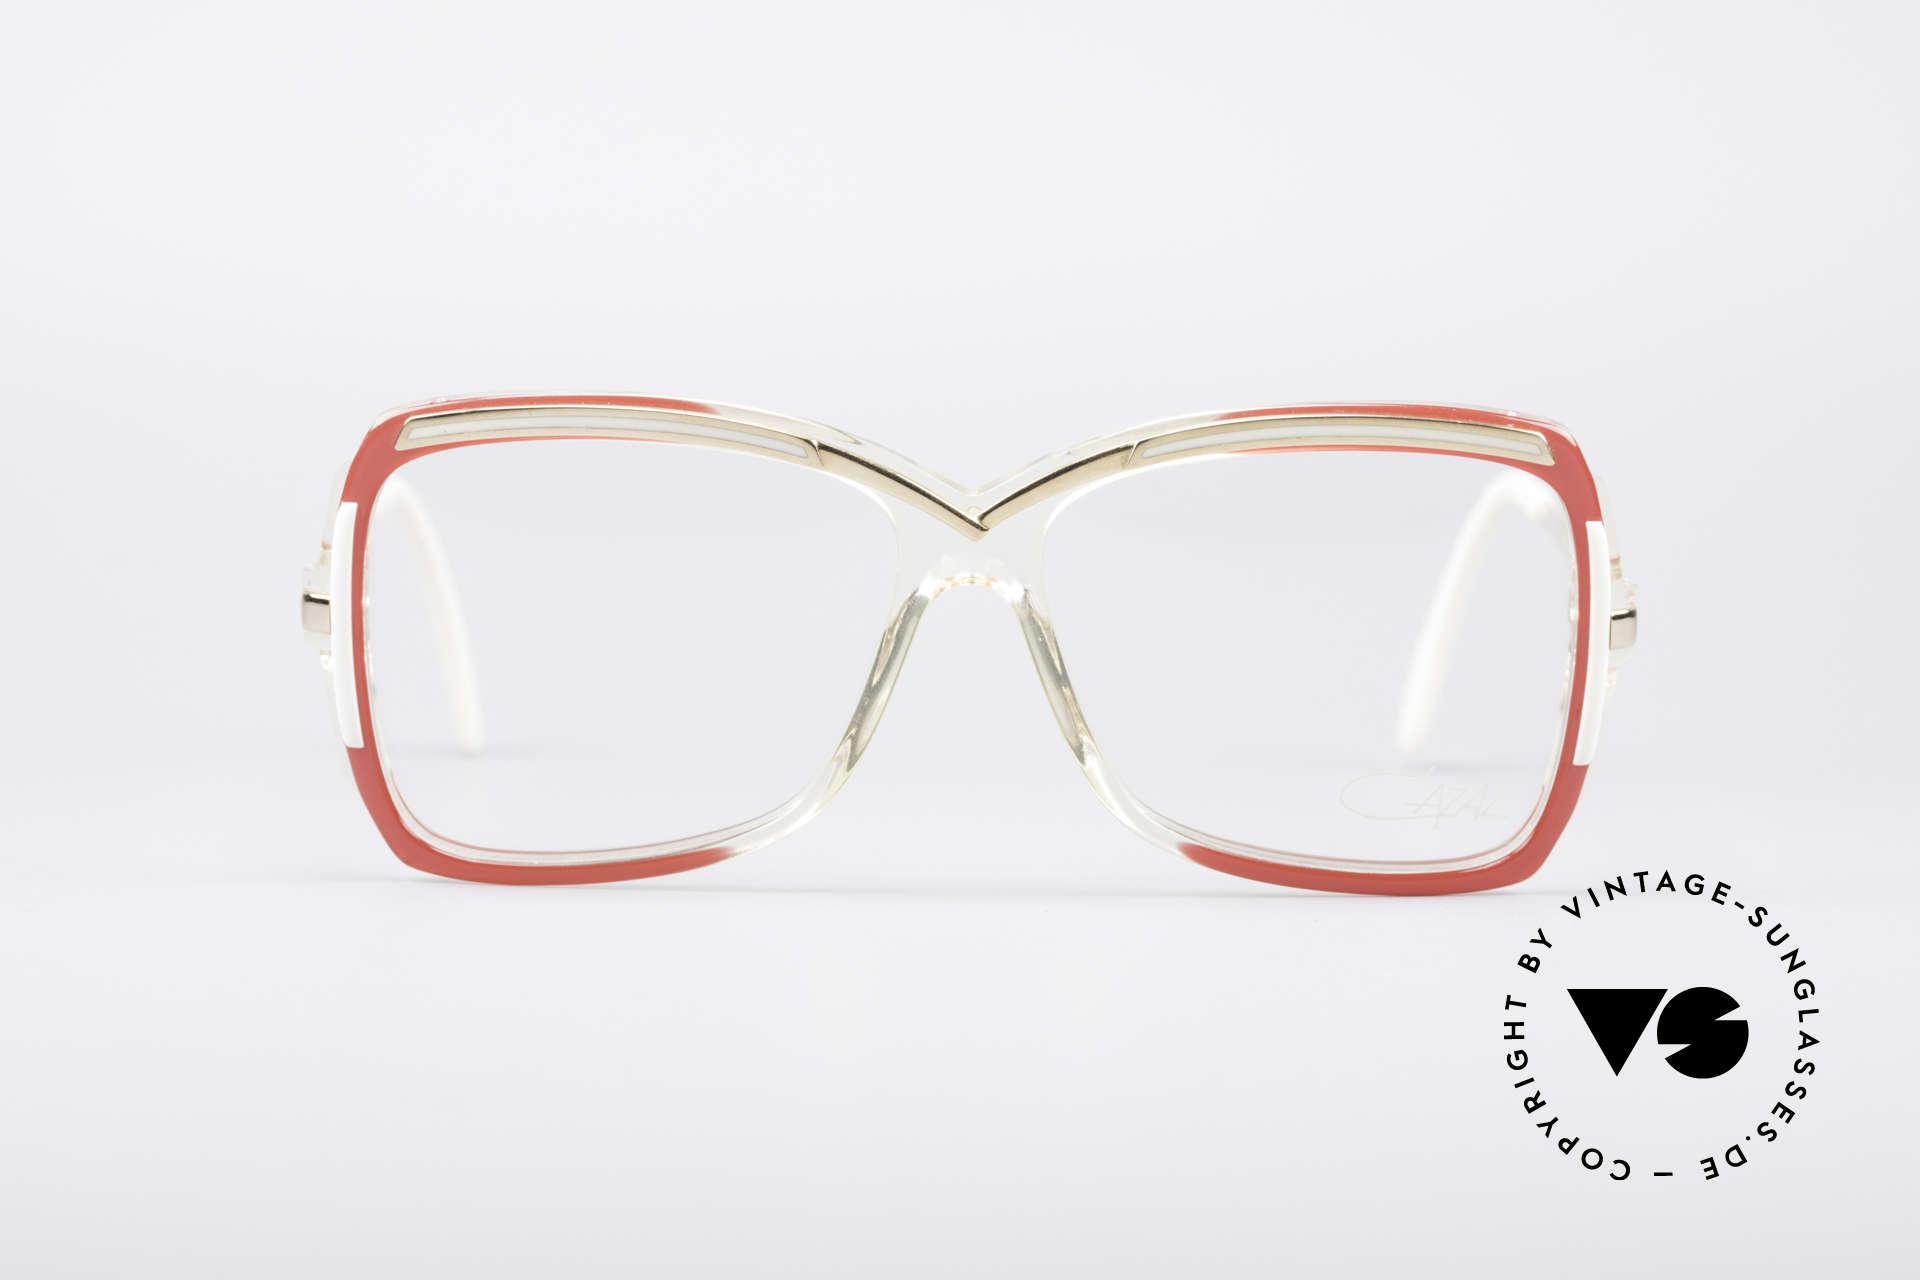 Cazal 177 80er Designerbrille, ein tolles altes Original und ein echter Hingucker, Passend für Damen